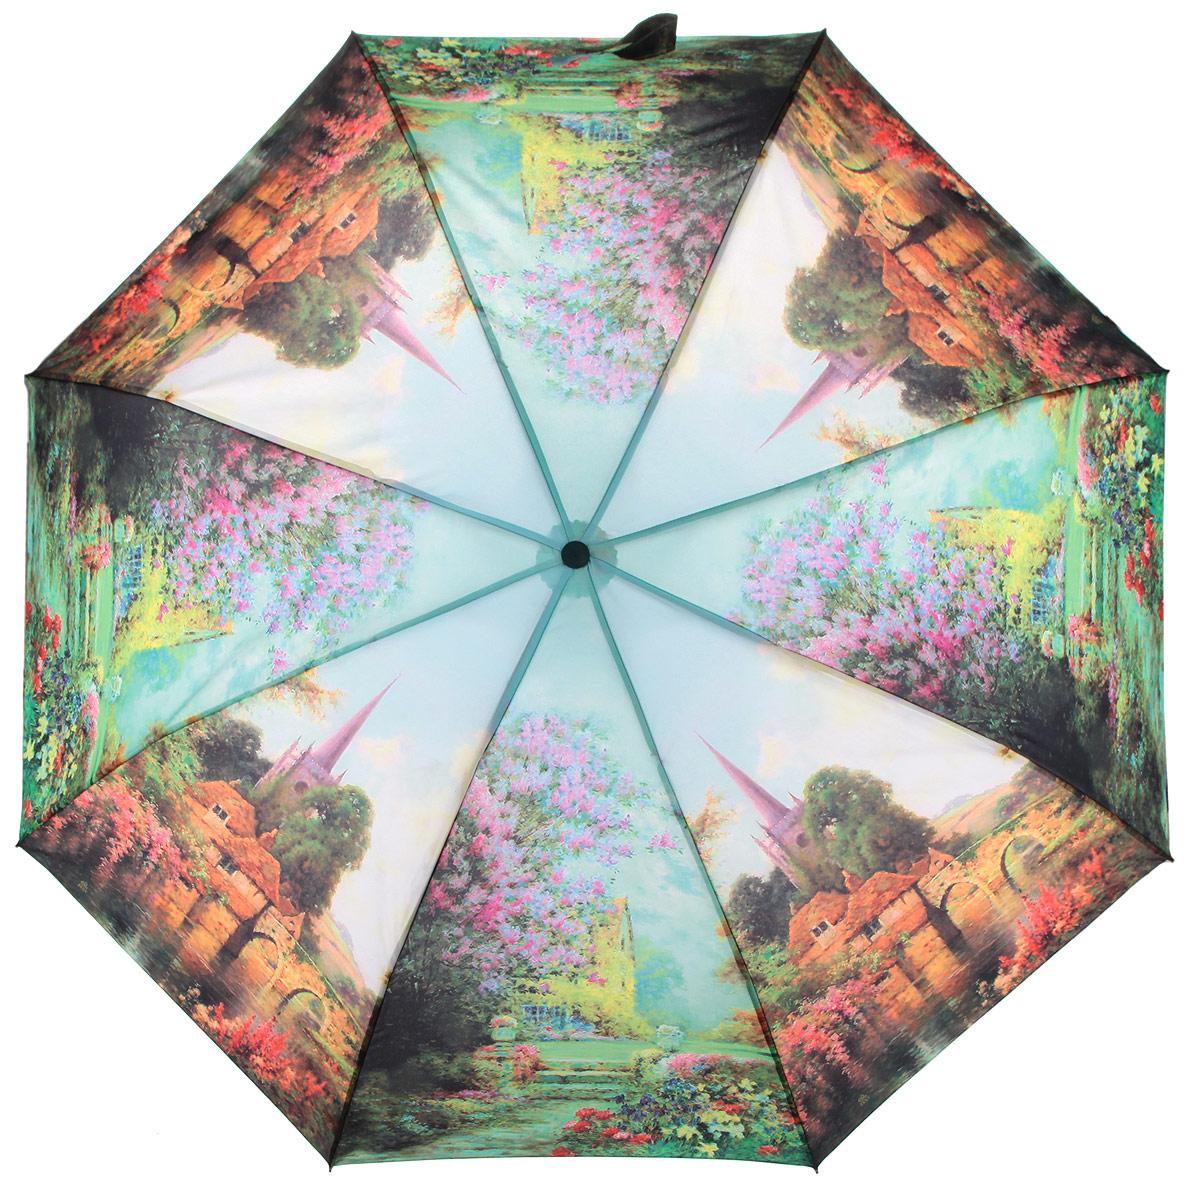 Зонт женский Zest, цвет: мультицвет. 239455-07239455-07Стильный женский зонт ZEST с облегченным каркасом выполнен из стали с антикоррозийным покрытием, спицы из фибергласса, устойчивые к выгибанию. Купол зонта изготовлен полиэстера с водоотталкивающей пропиткой. Закрытый купол застегивается на липучку хлястиком. Практичная рукоятка закругленной формы разработана с учетом требований эргономики и выполнена из пластика. Зонт оснащен автоматическим механизмом и чехлом. Такой зонт не только надежно защитит от дождя, но и станет стильным аксессуаром.